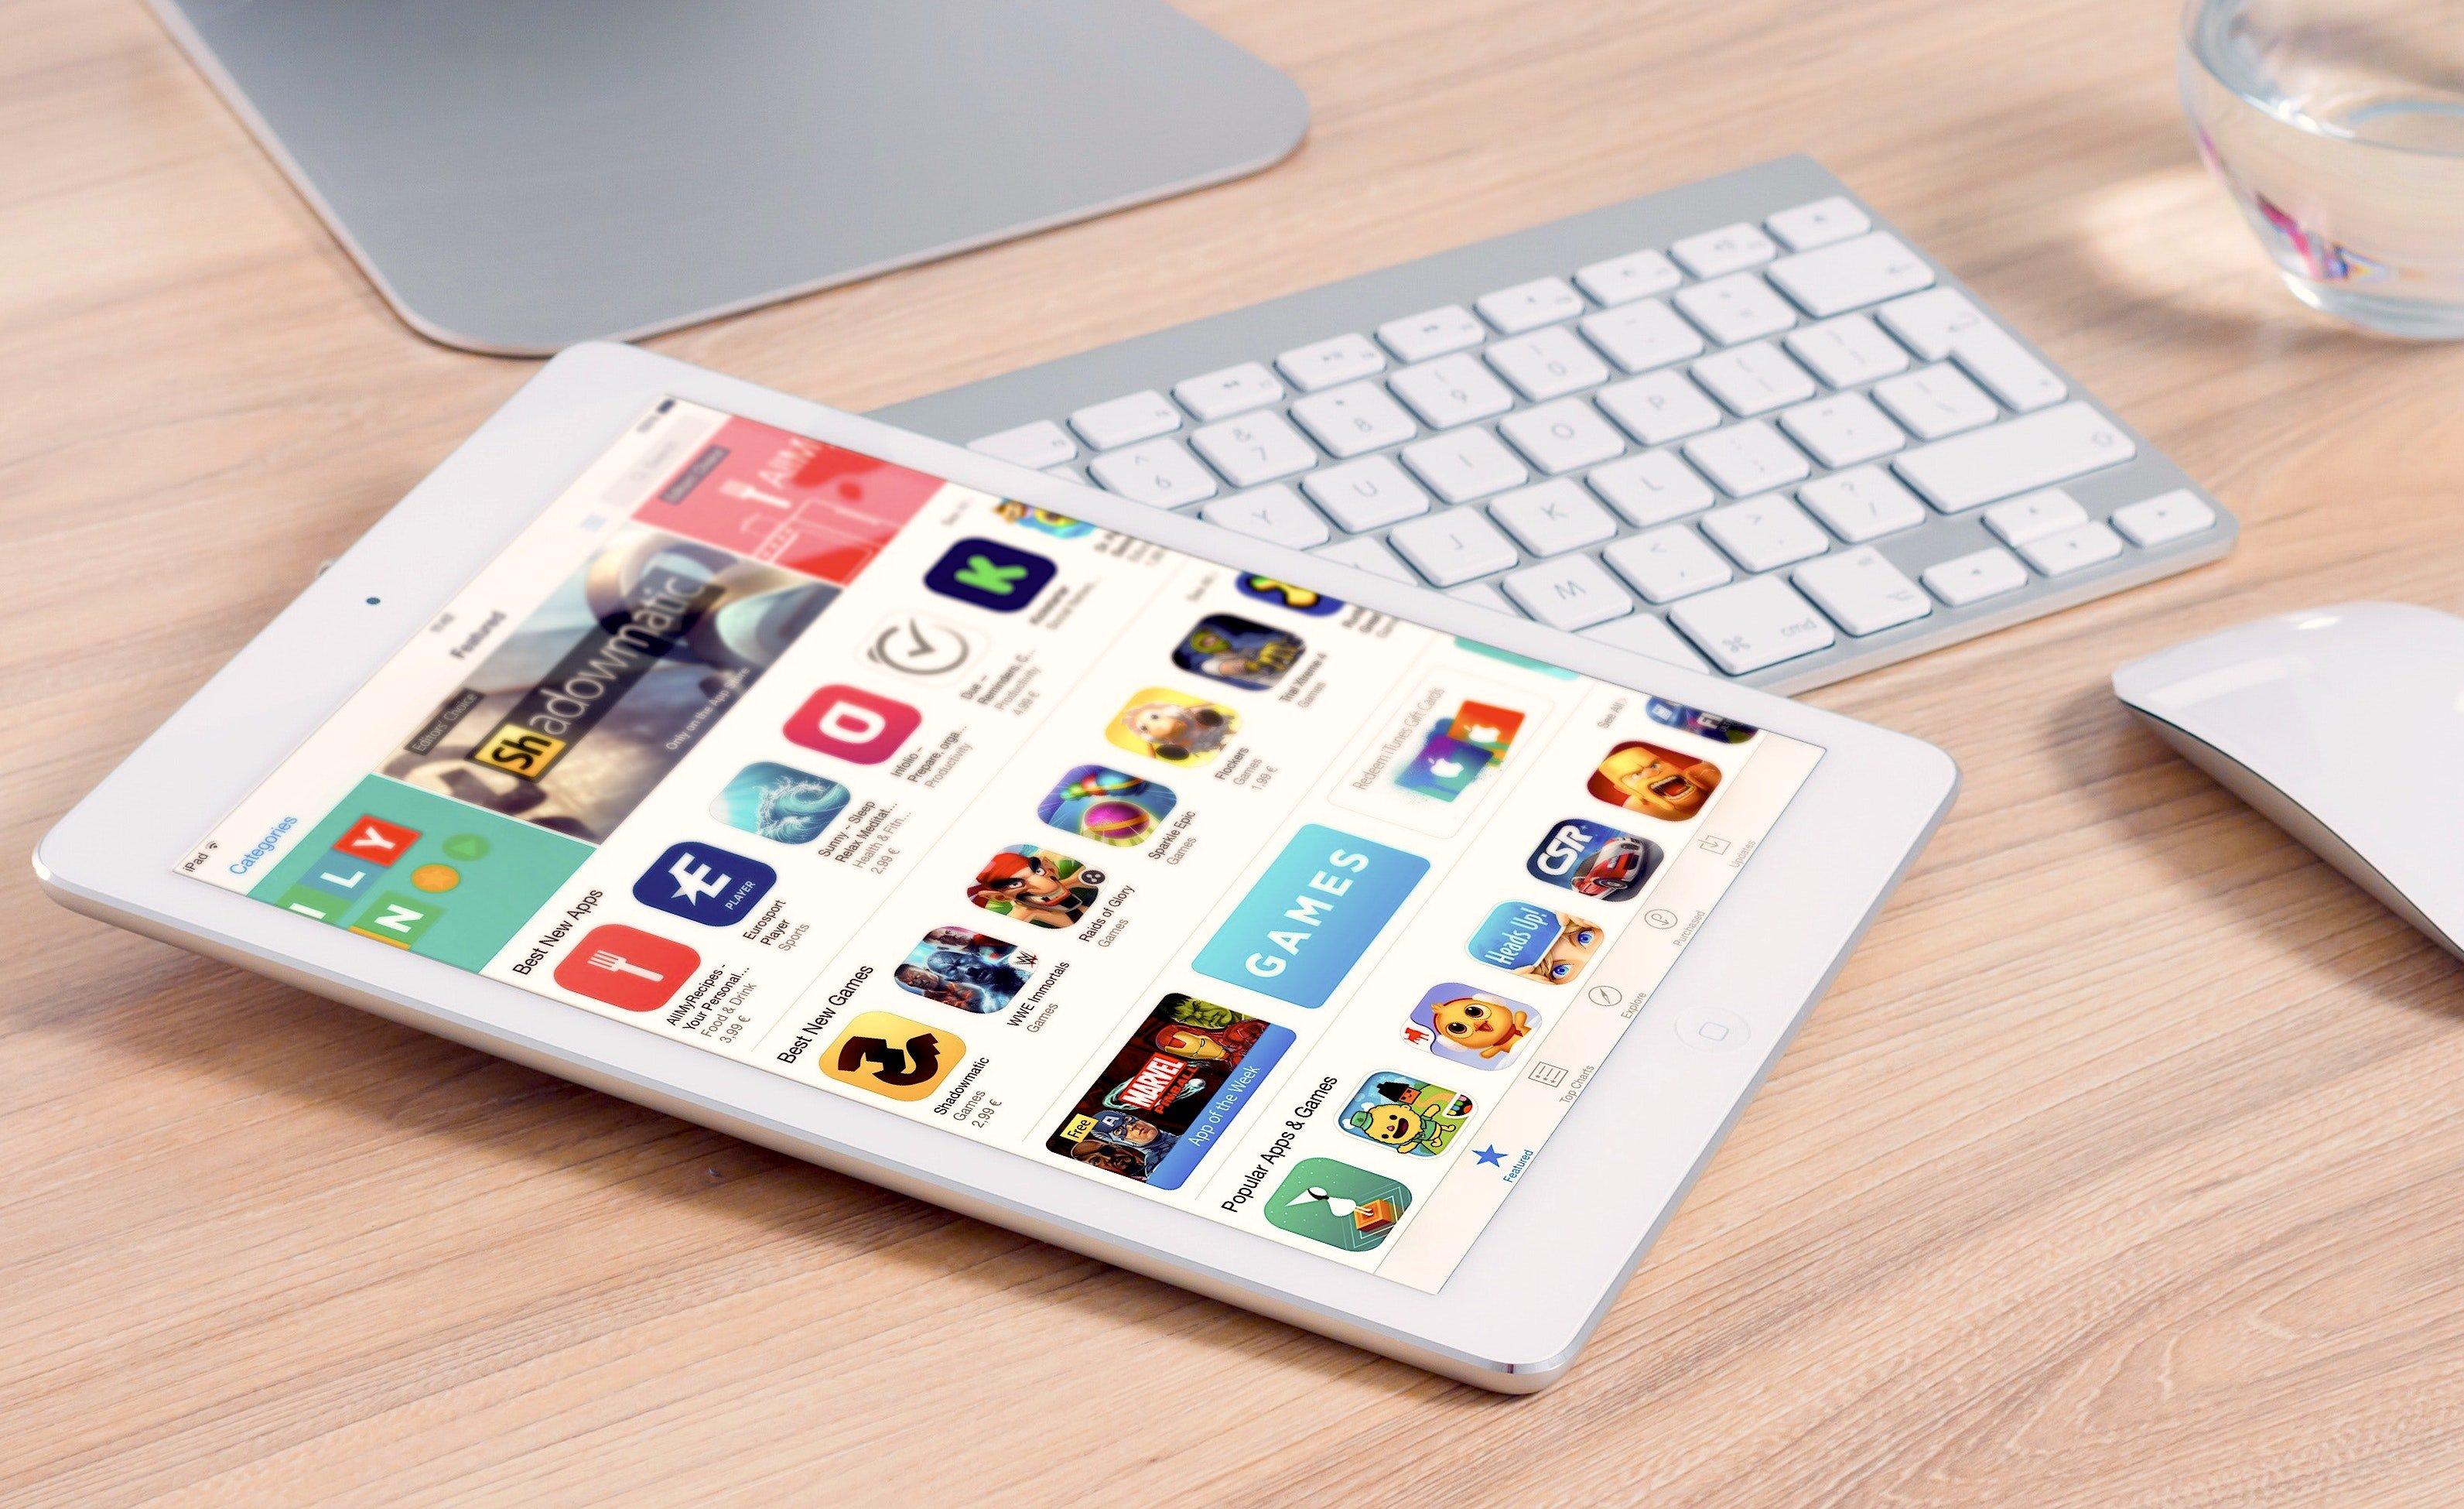 Étude : comment les apps sont découvertes, choisies, achetées et utilisées 1